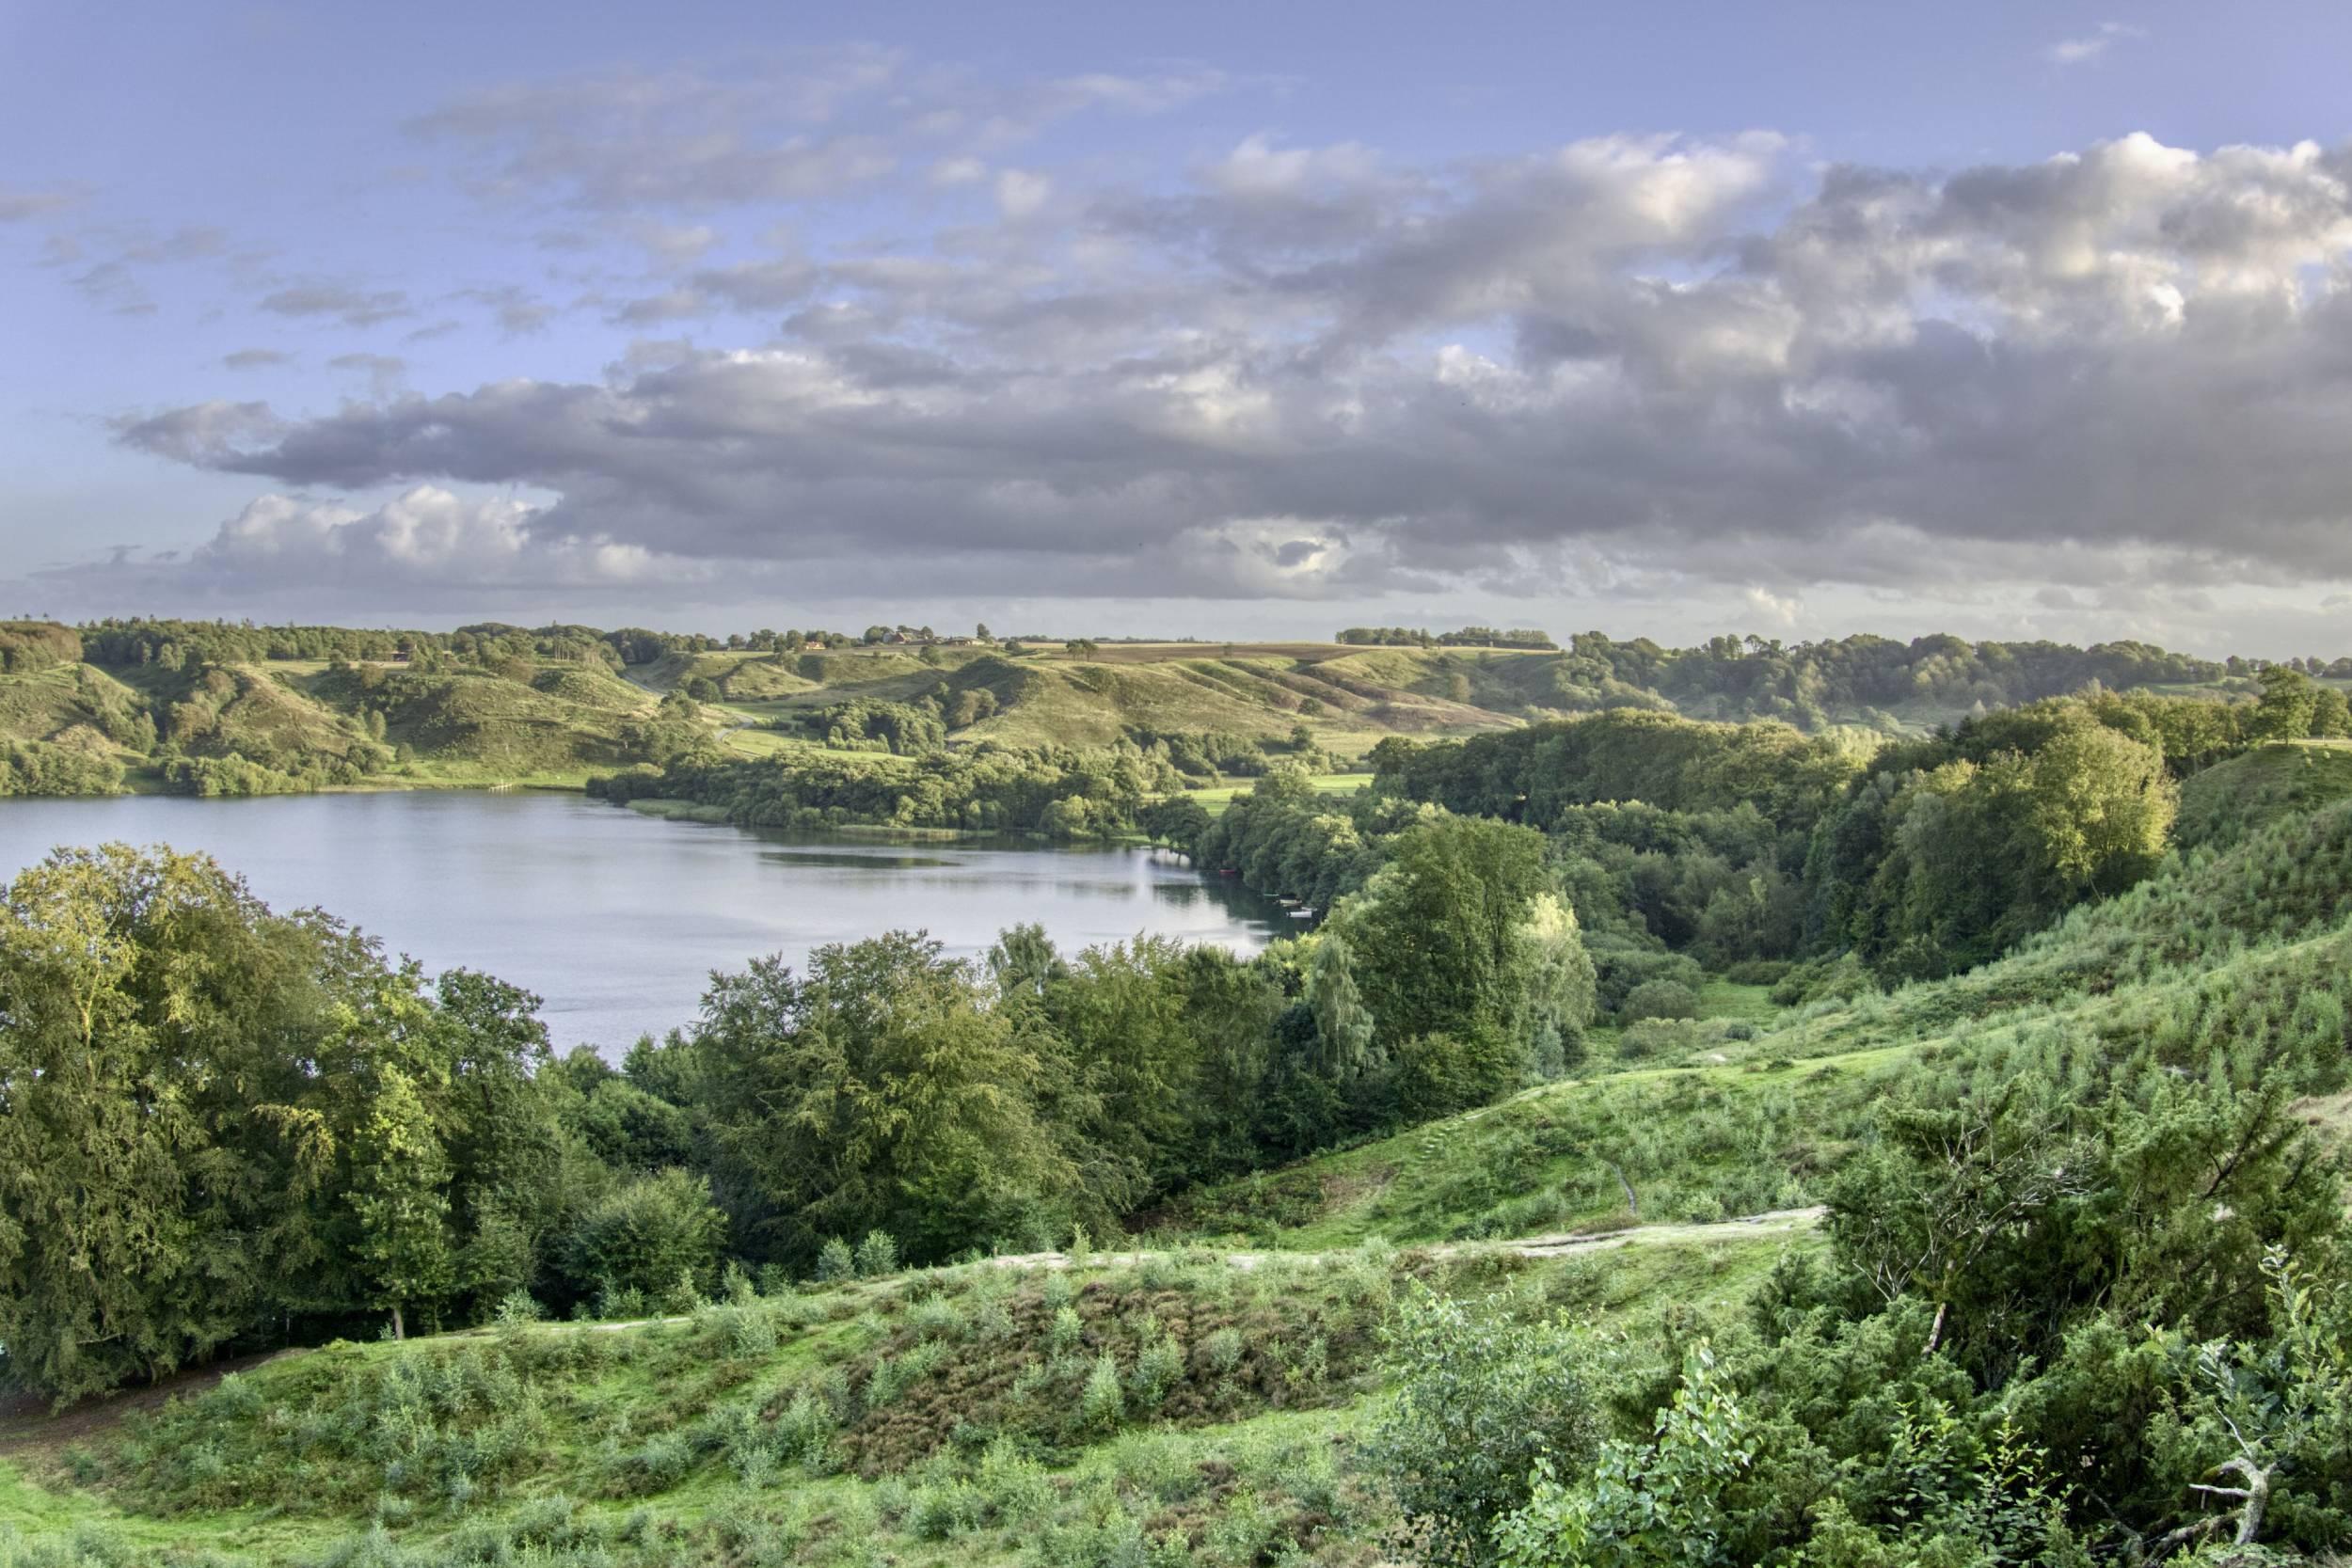 Regeringen lovede 15 naturnationalparker: Finanslovsudspillet giver kun råd til én